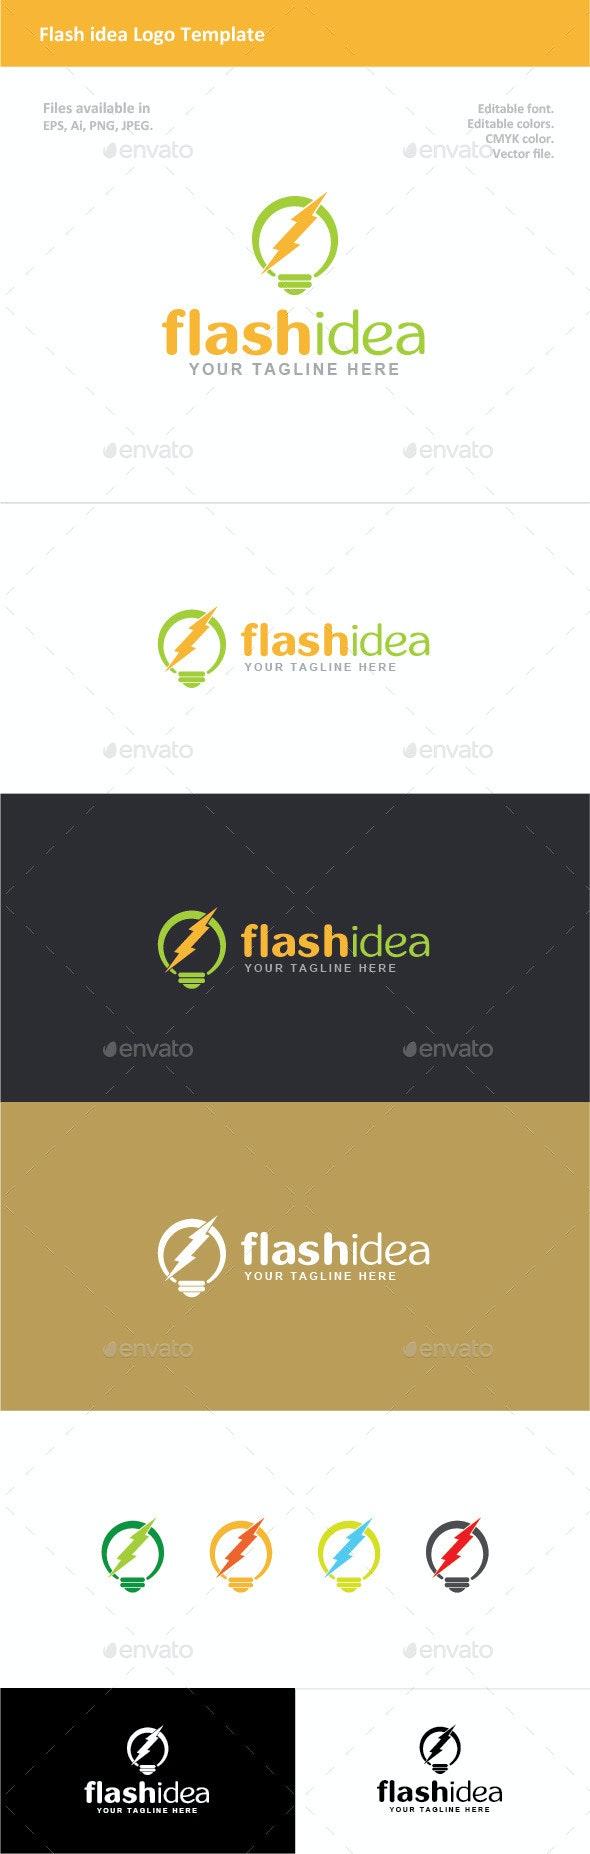 Flash Idea Logo